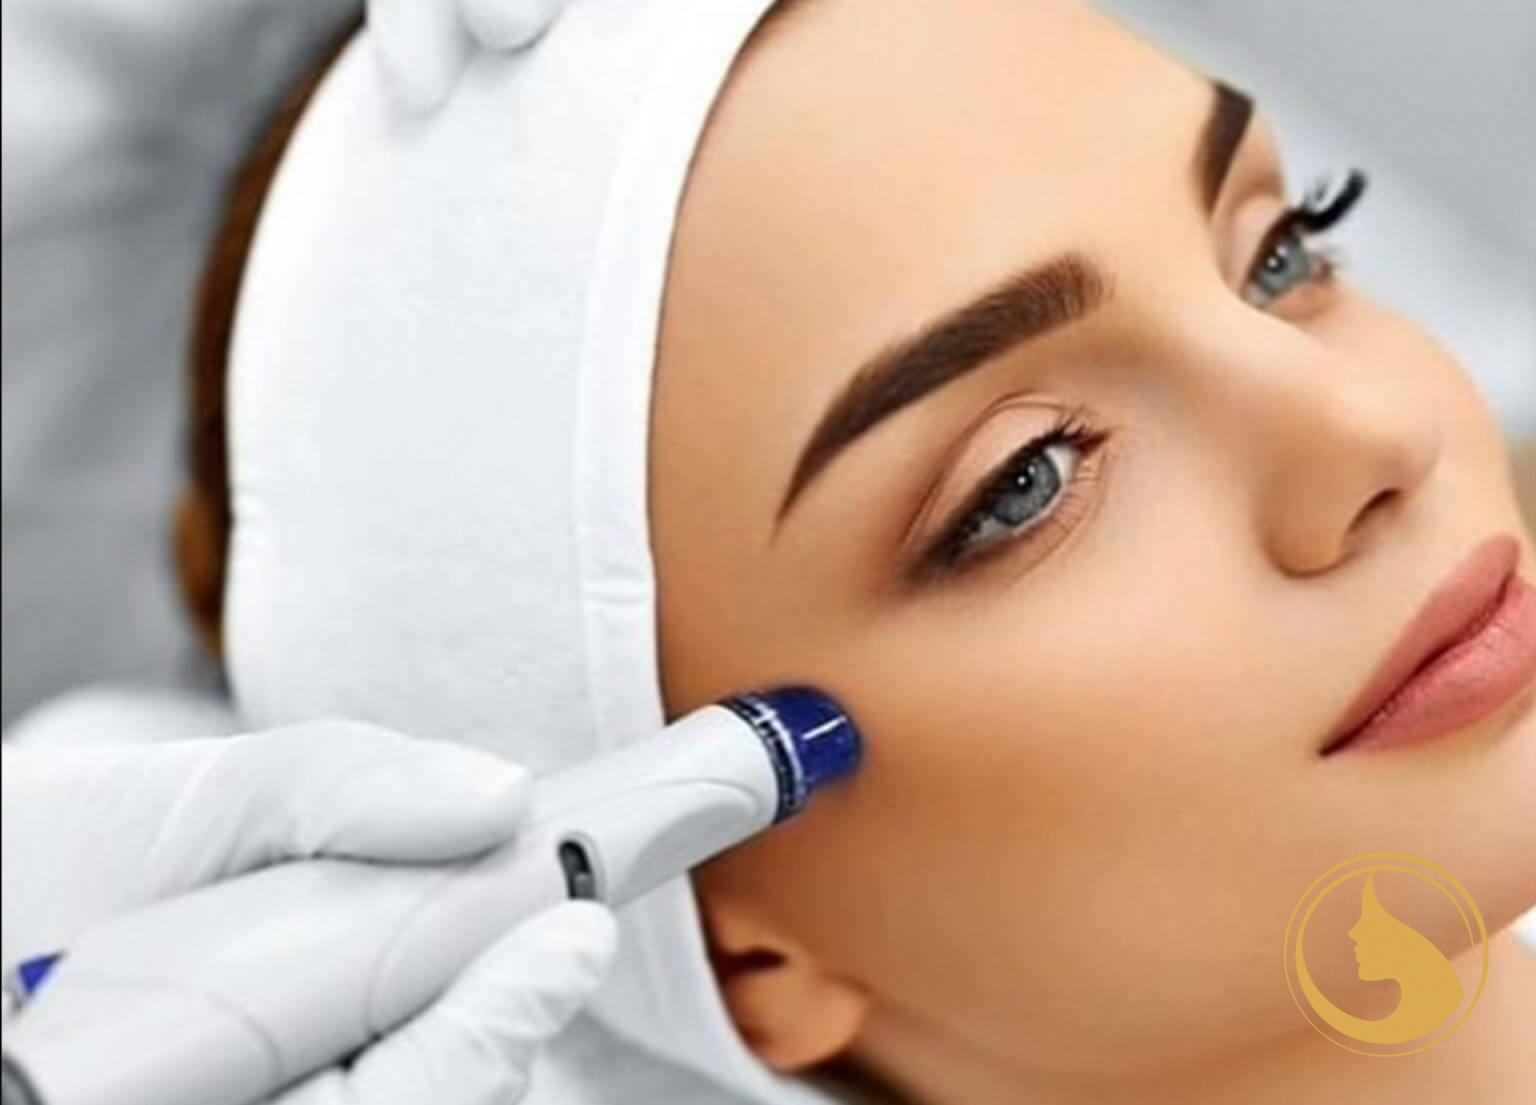 hydrafacial-tisztito-mesolux-anti-aging-kezeles